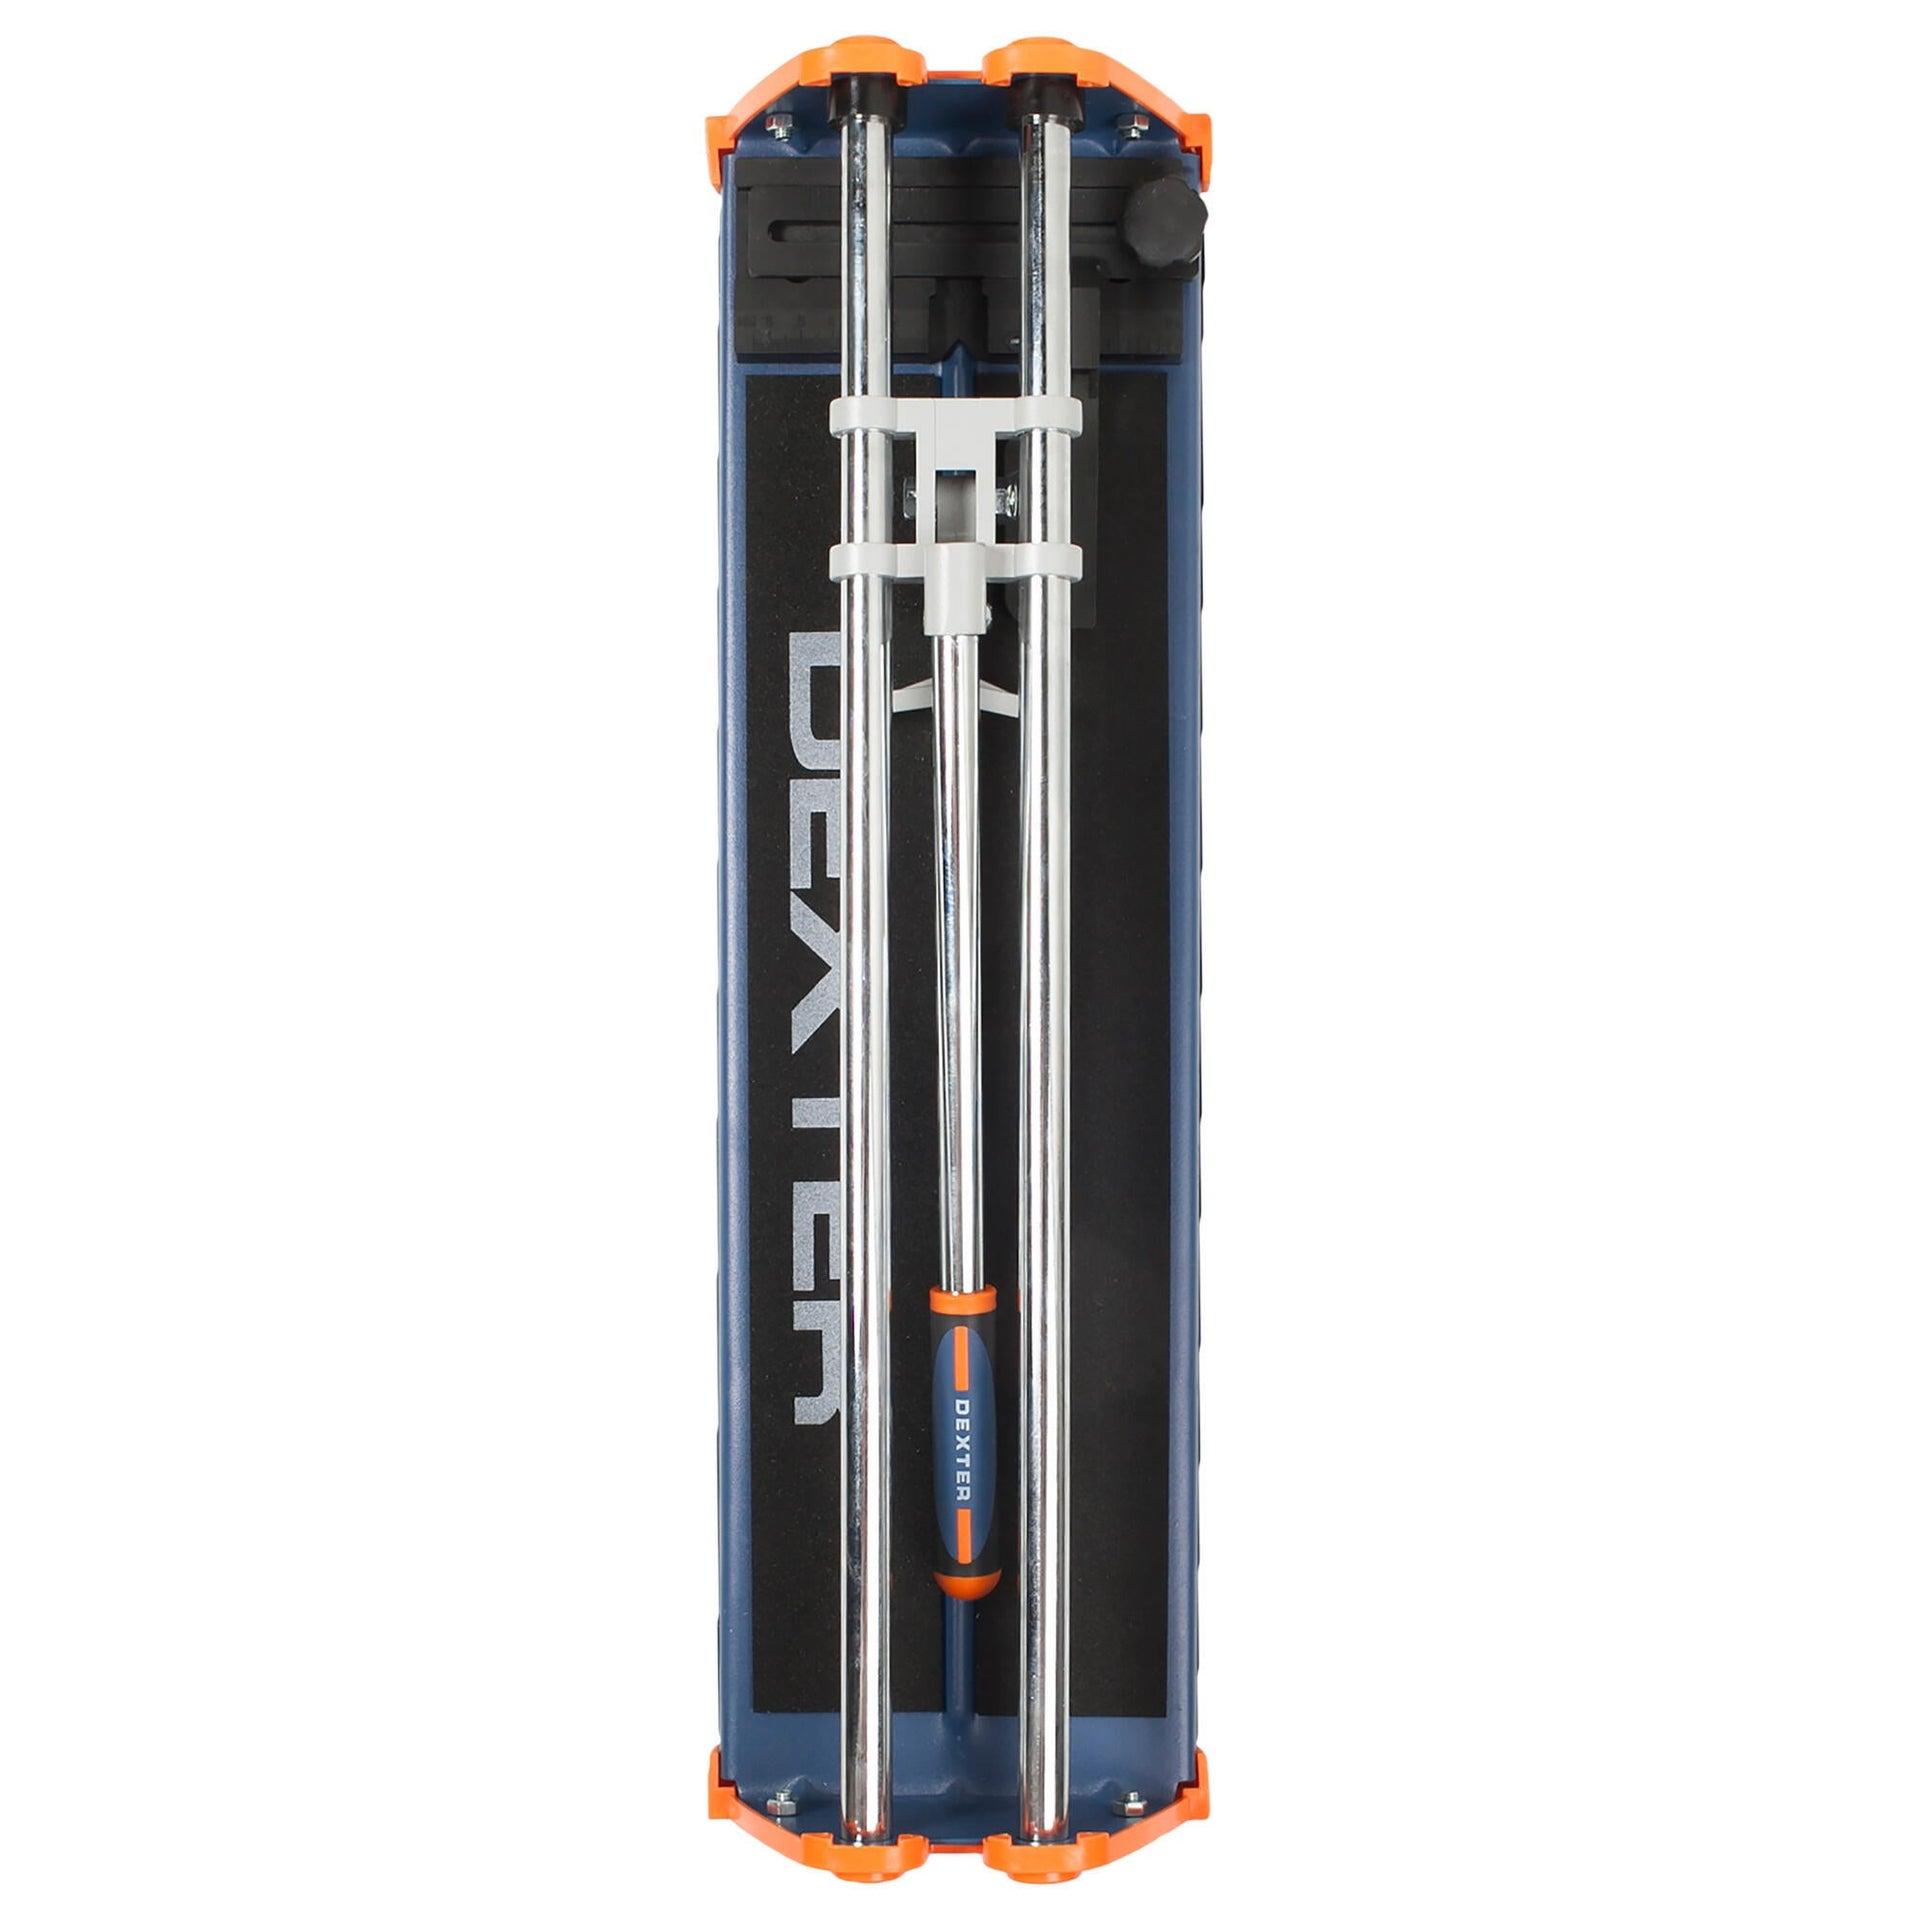 Tagliapiastrelle manuale DEXTER , lunghezza max taglio 430 mm - 6